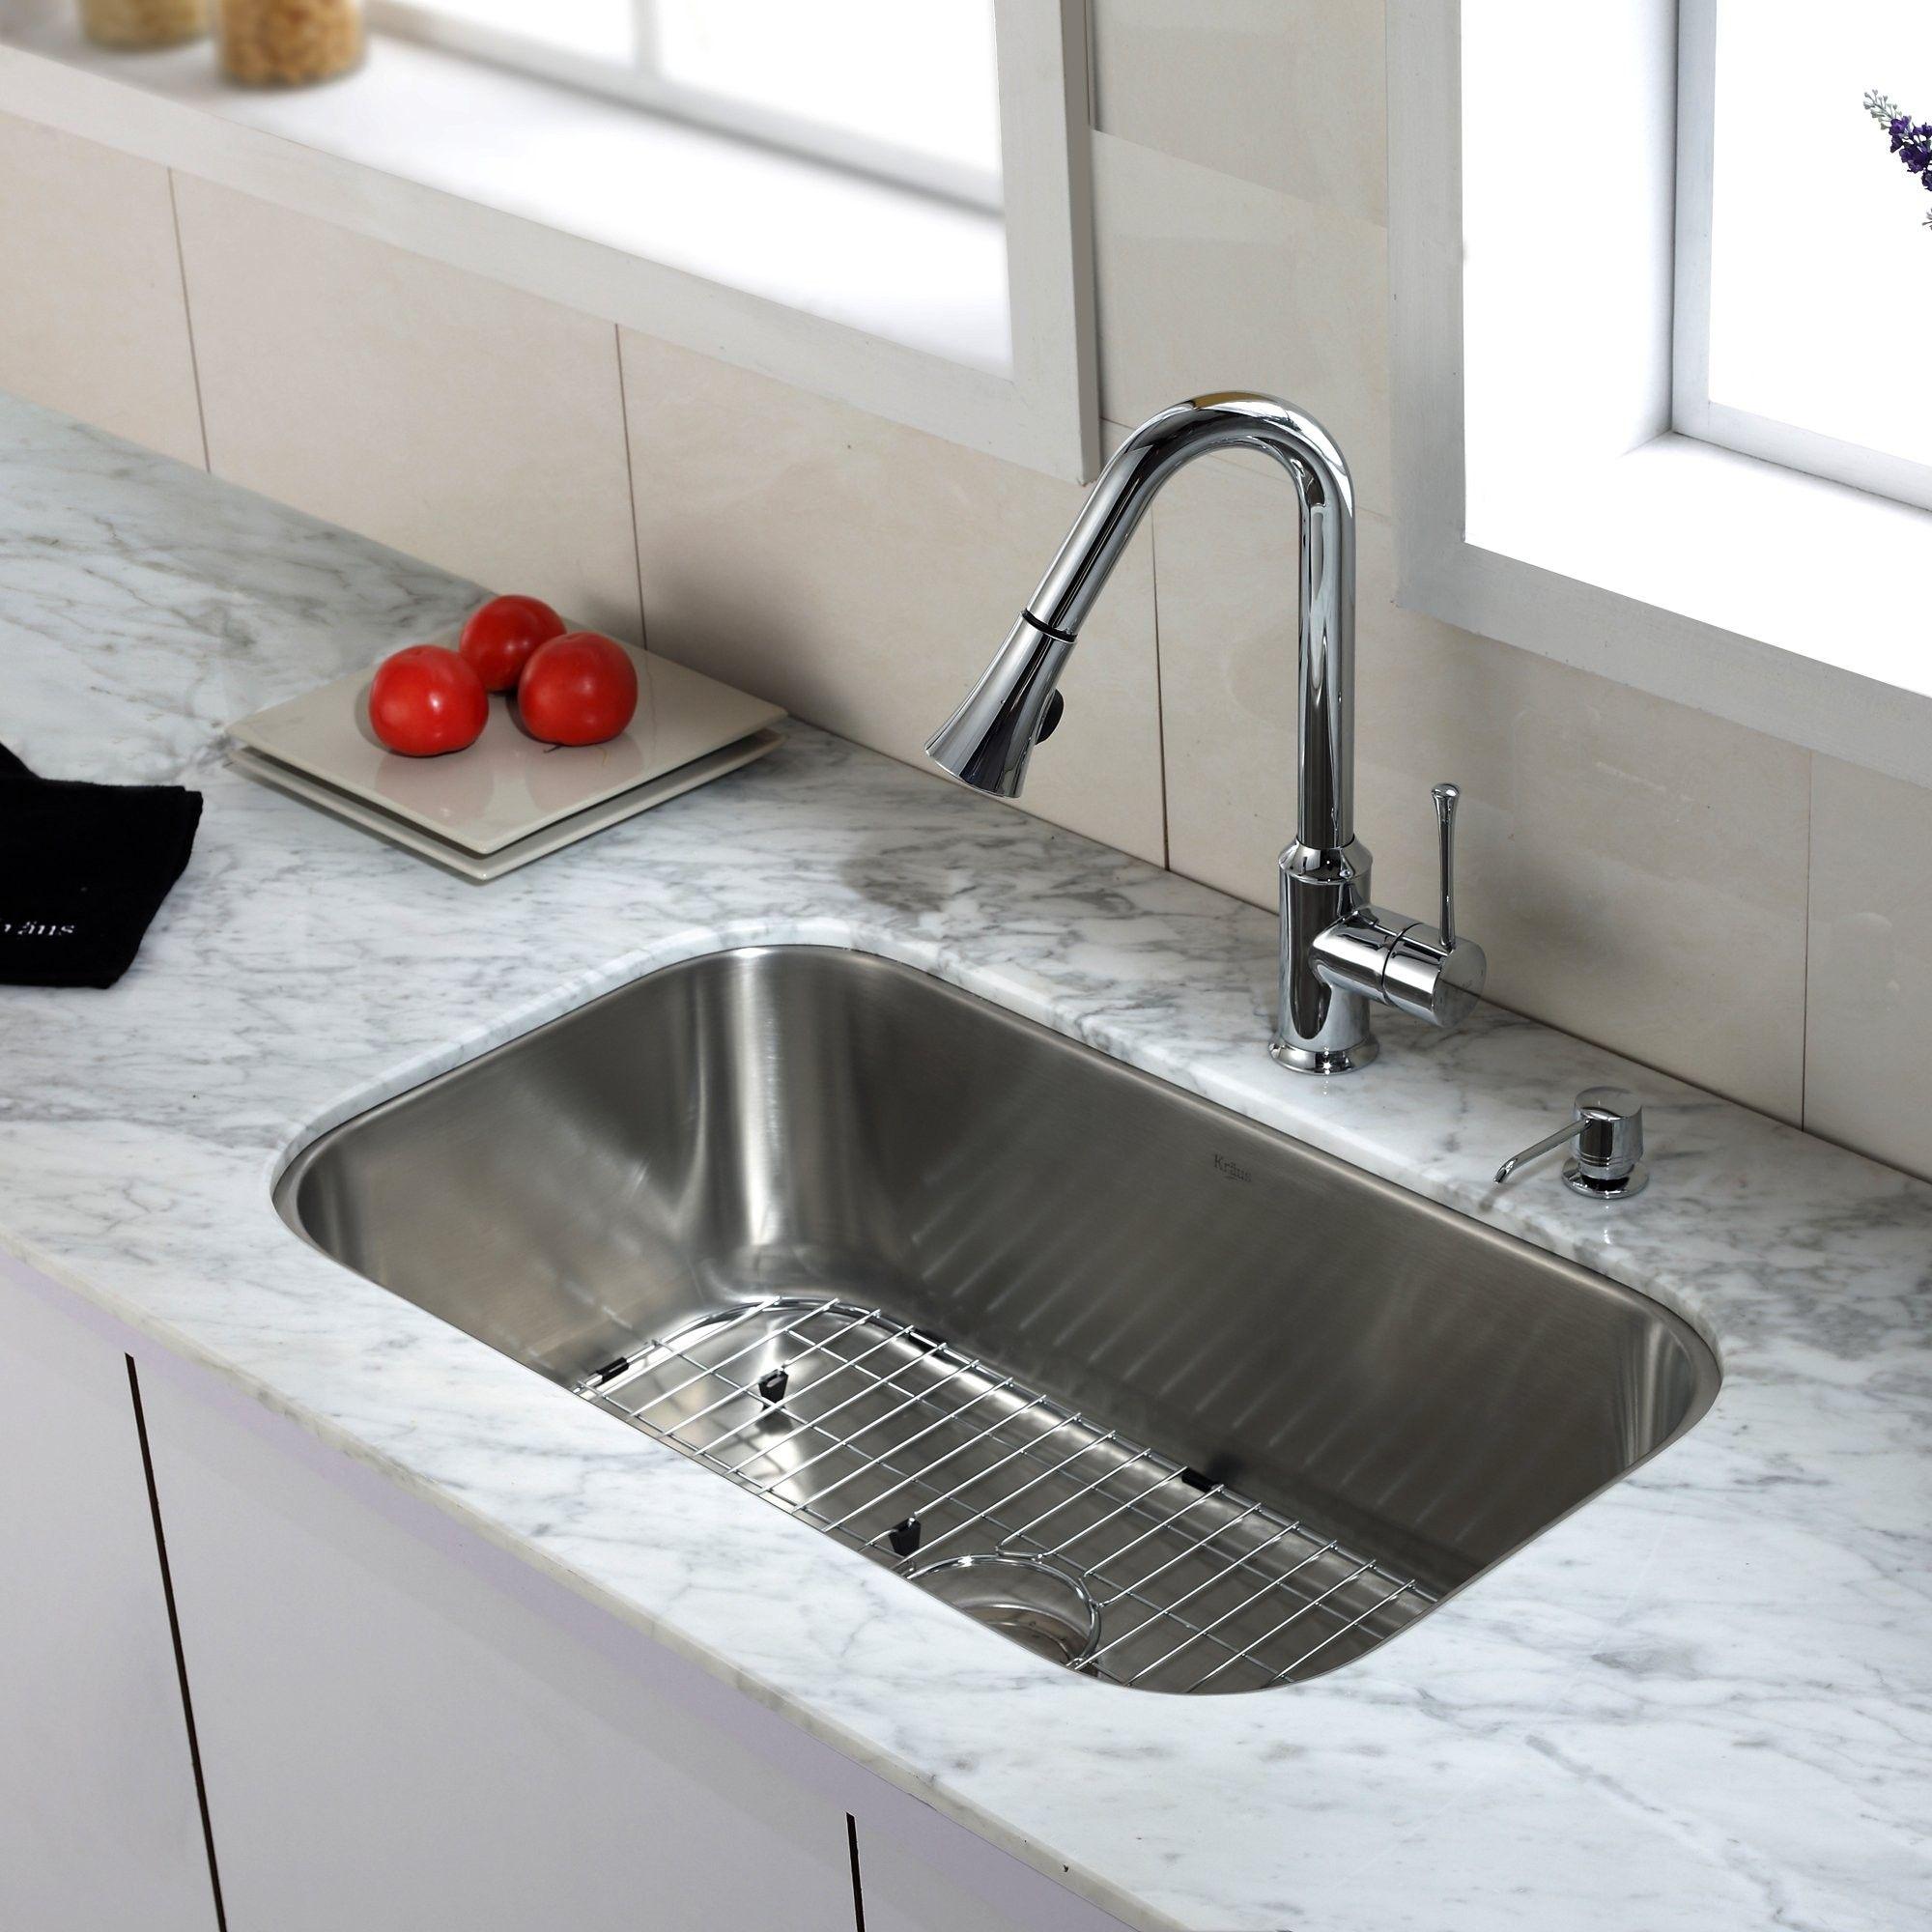 Kitchen Sink Kit Kuchen Granitarbeitsplatten Spulbecken Design